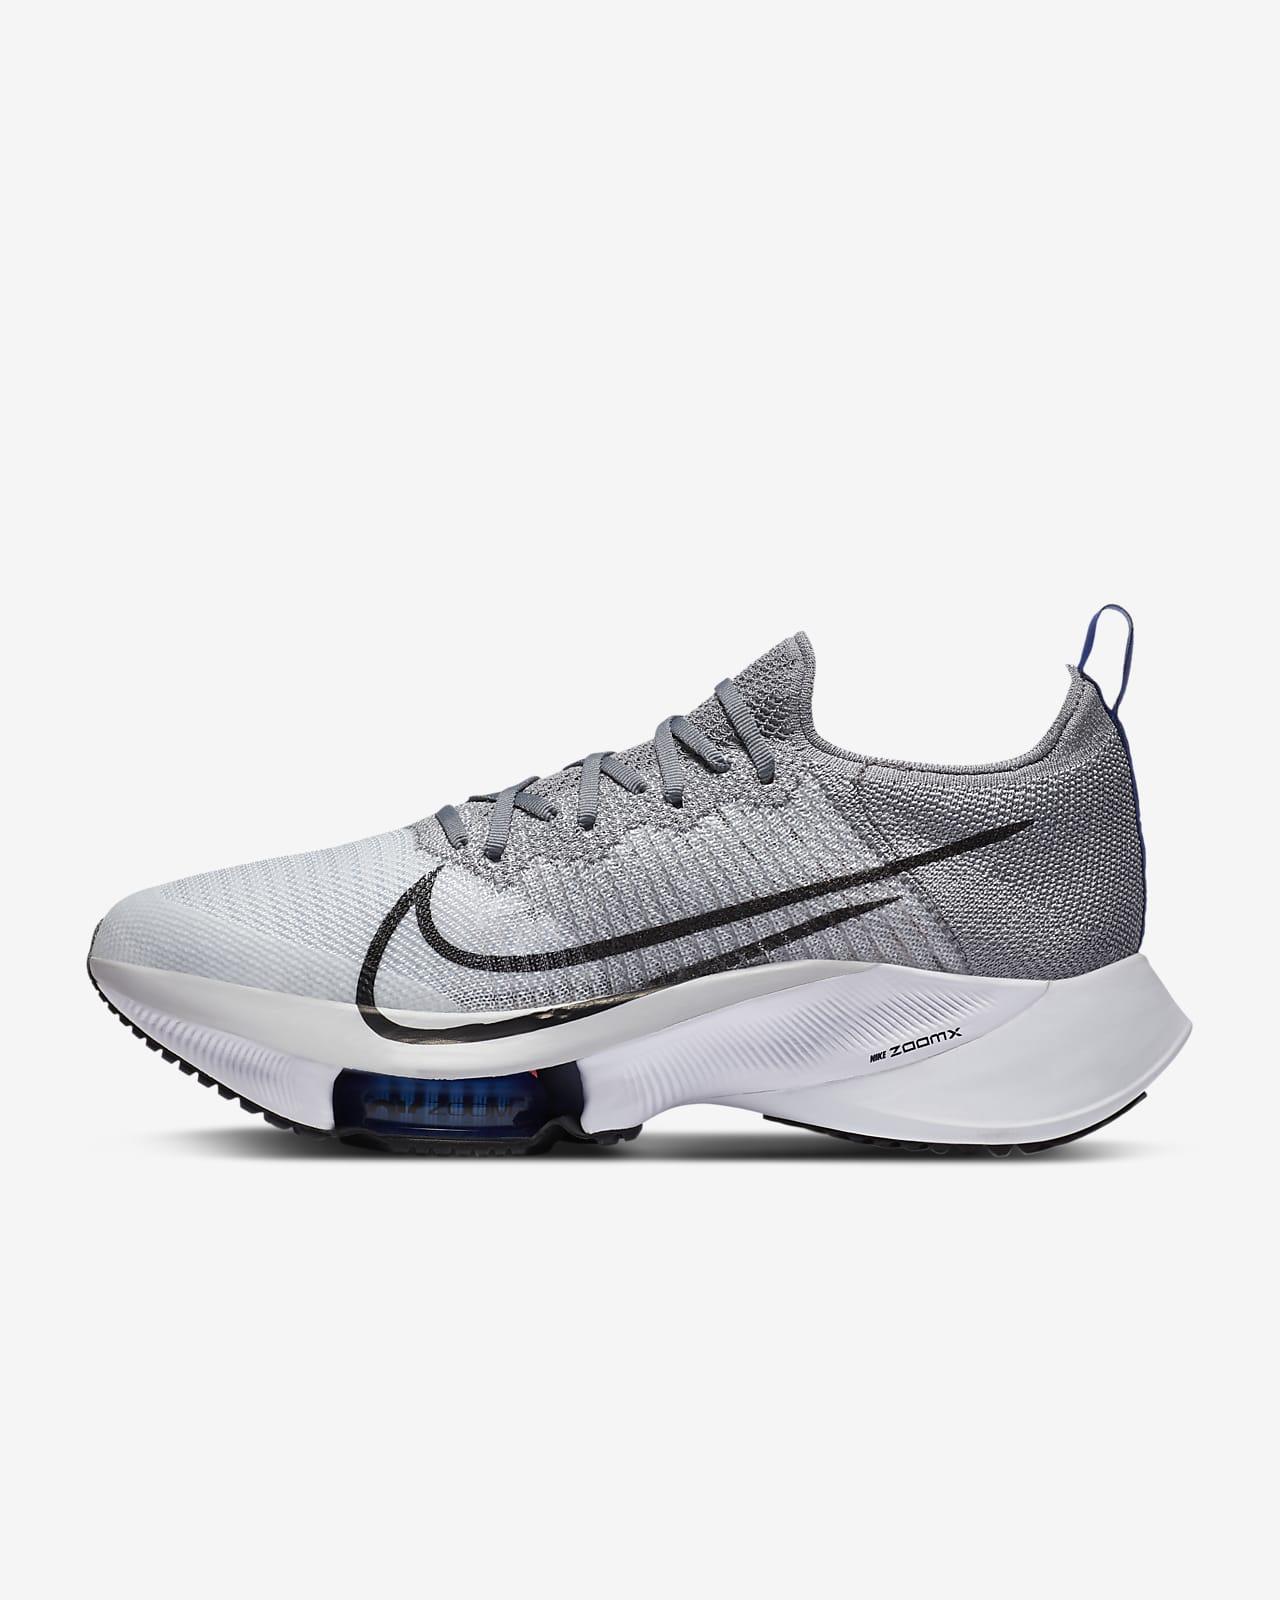 Löparsko Nike Air Zoom Tempo NEXT% för män